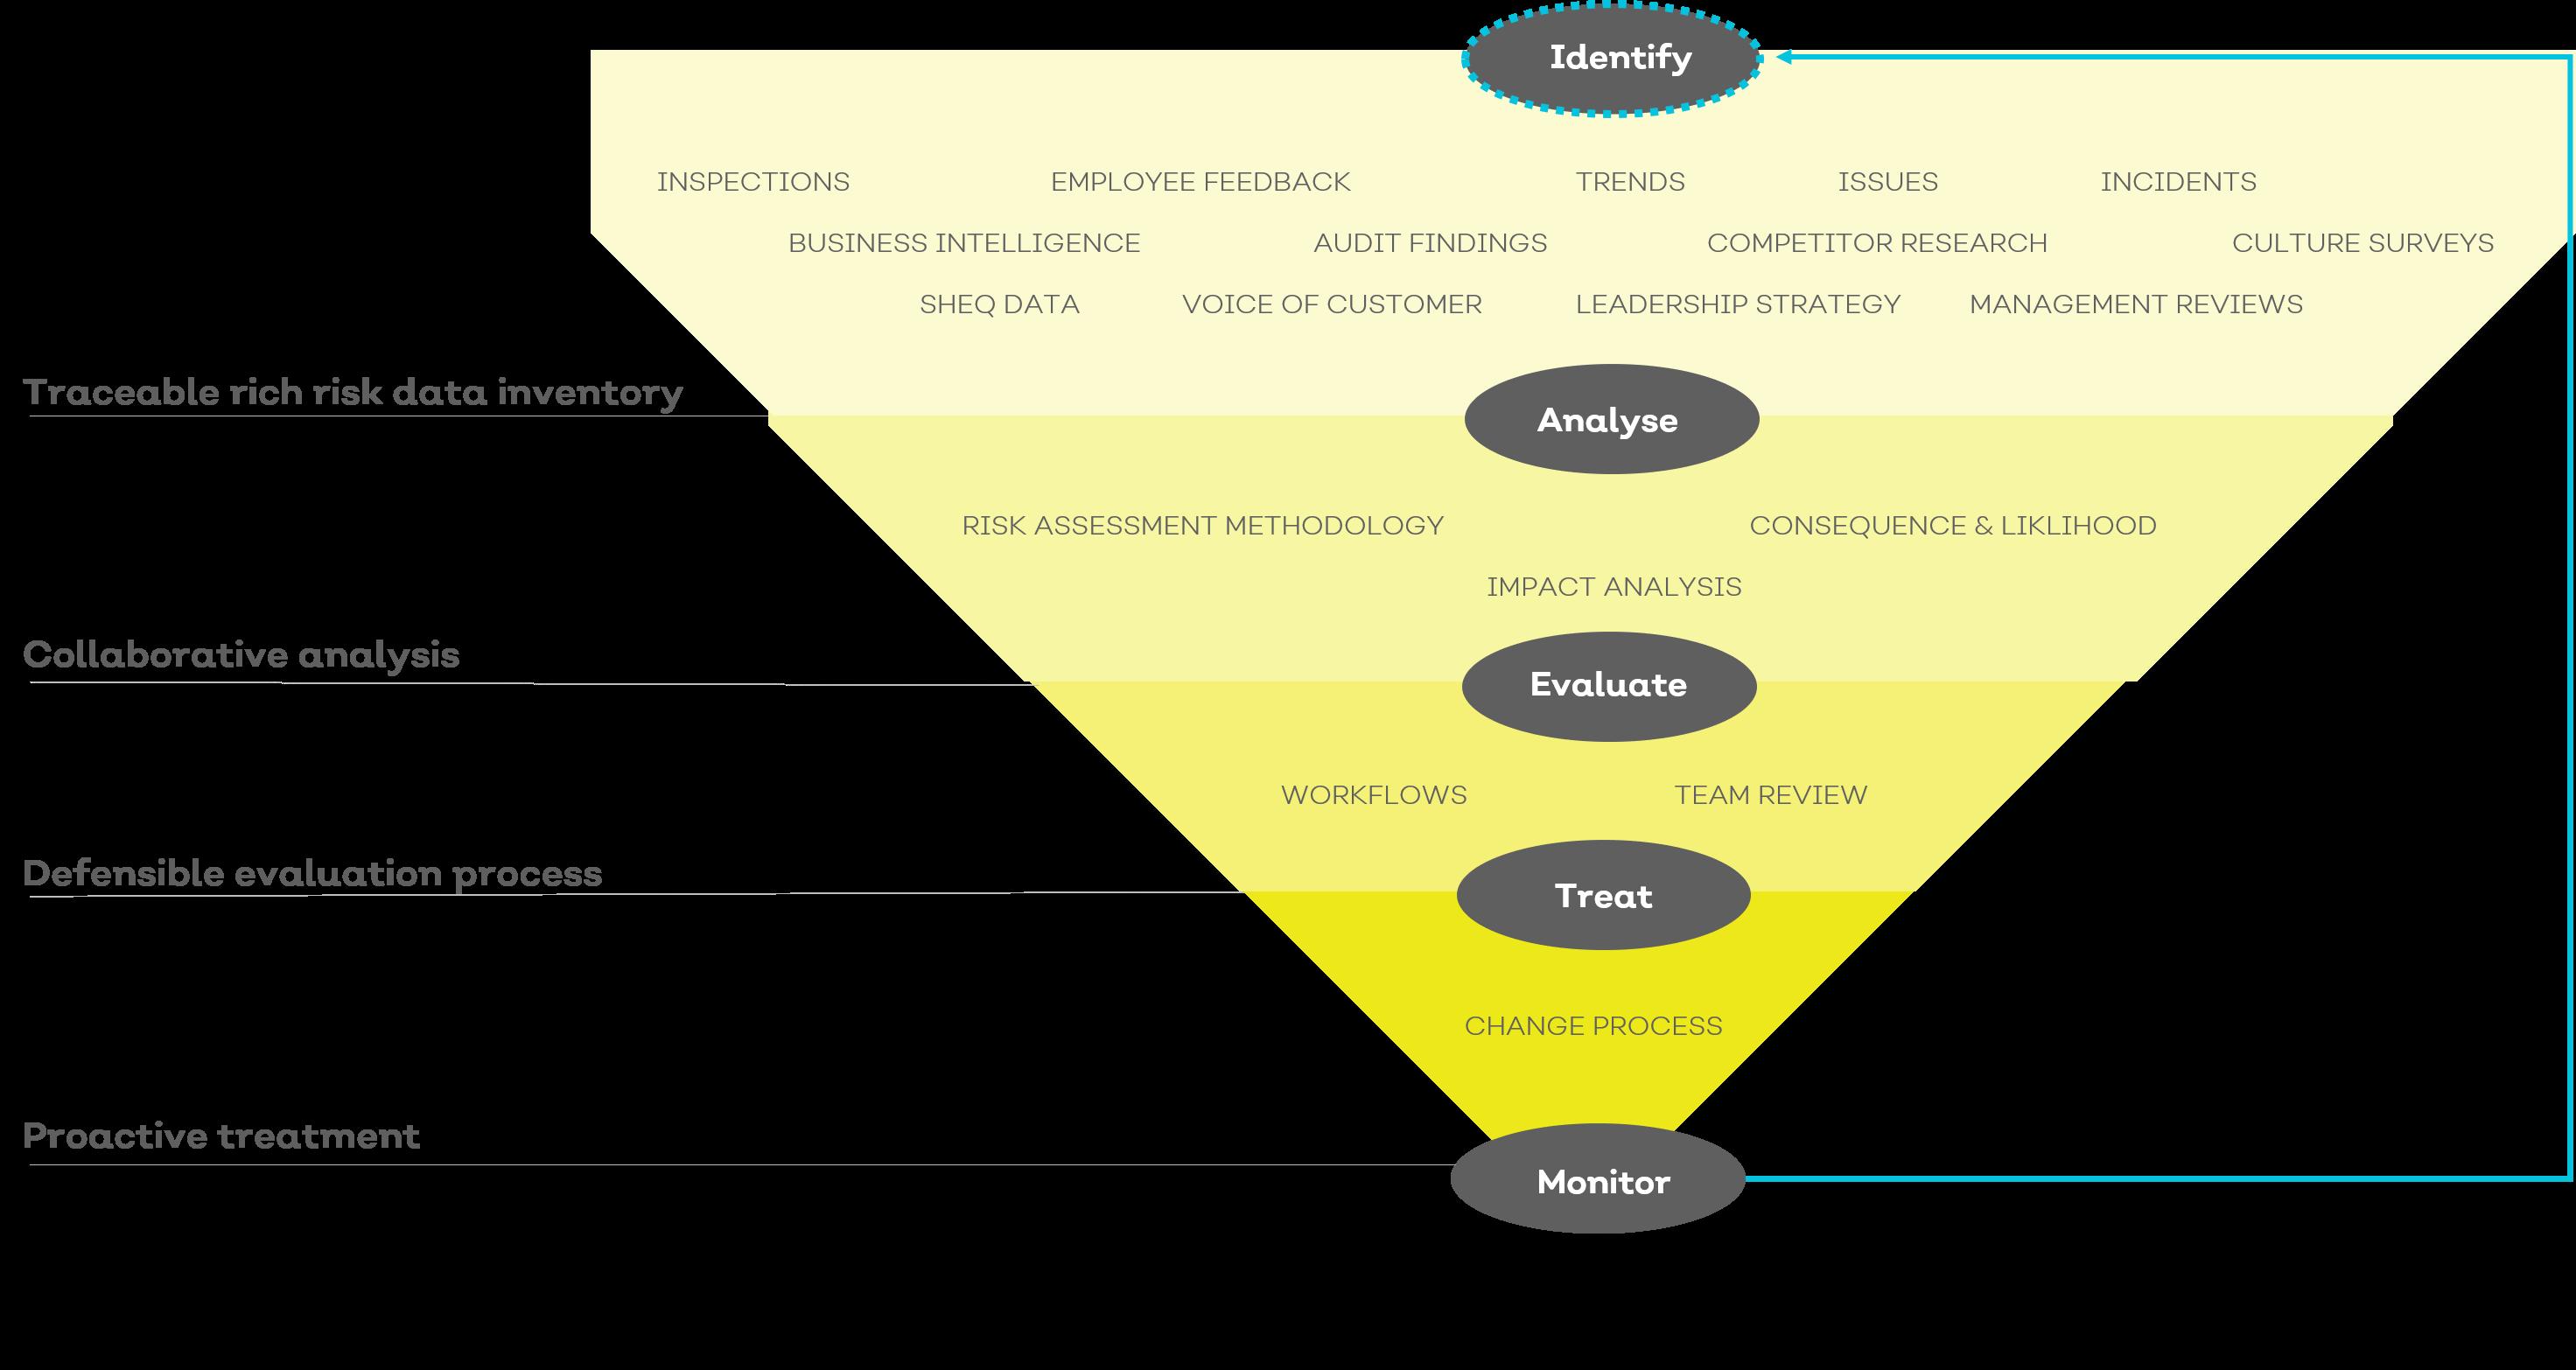 Risk assessment methodology 1